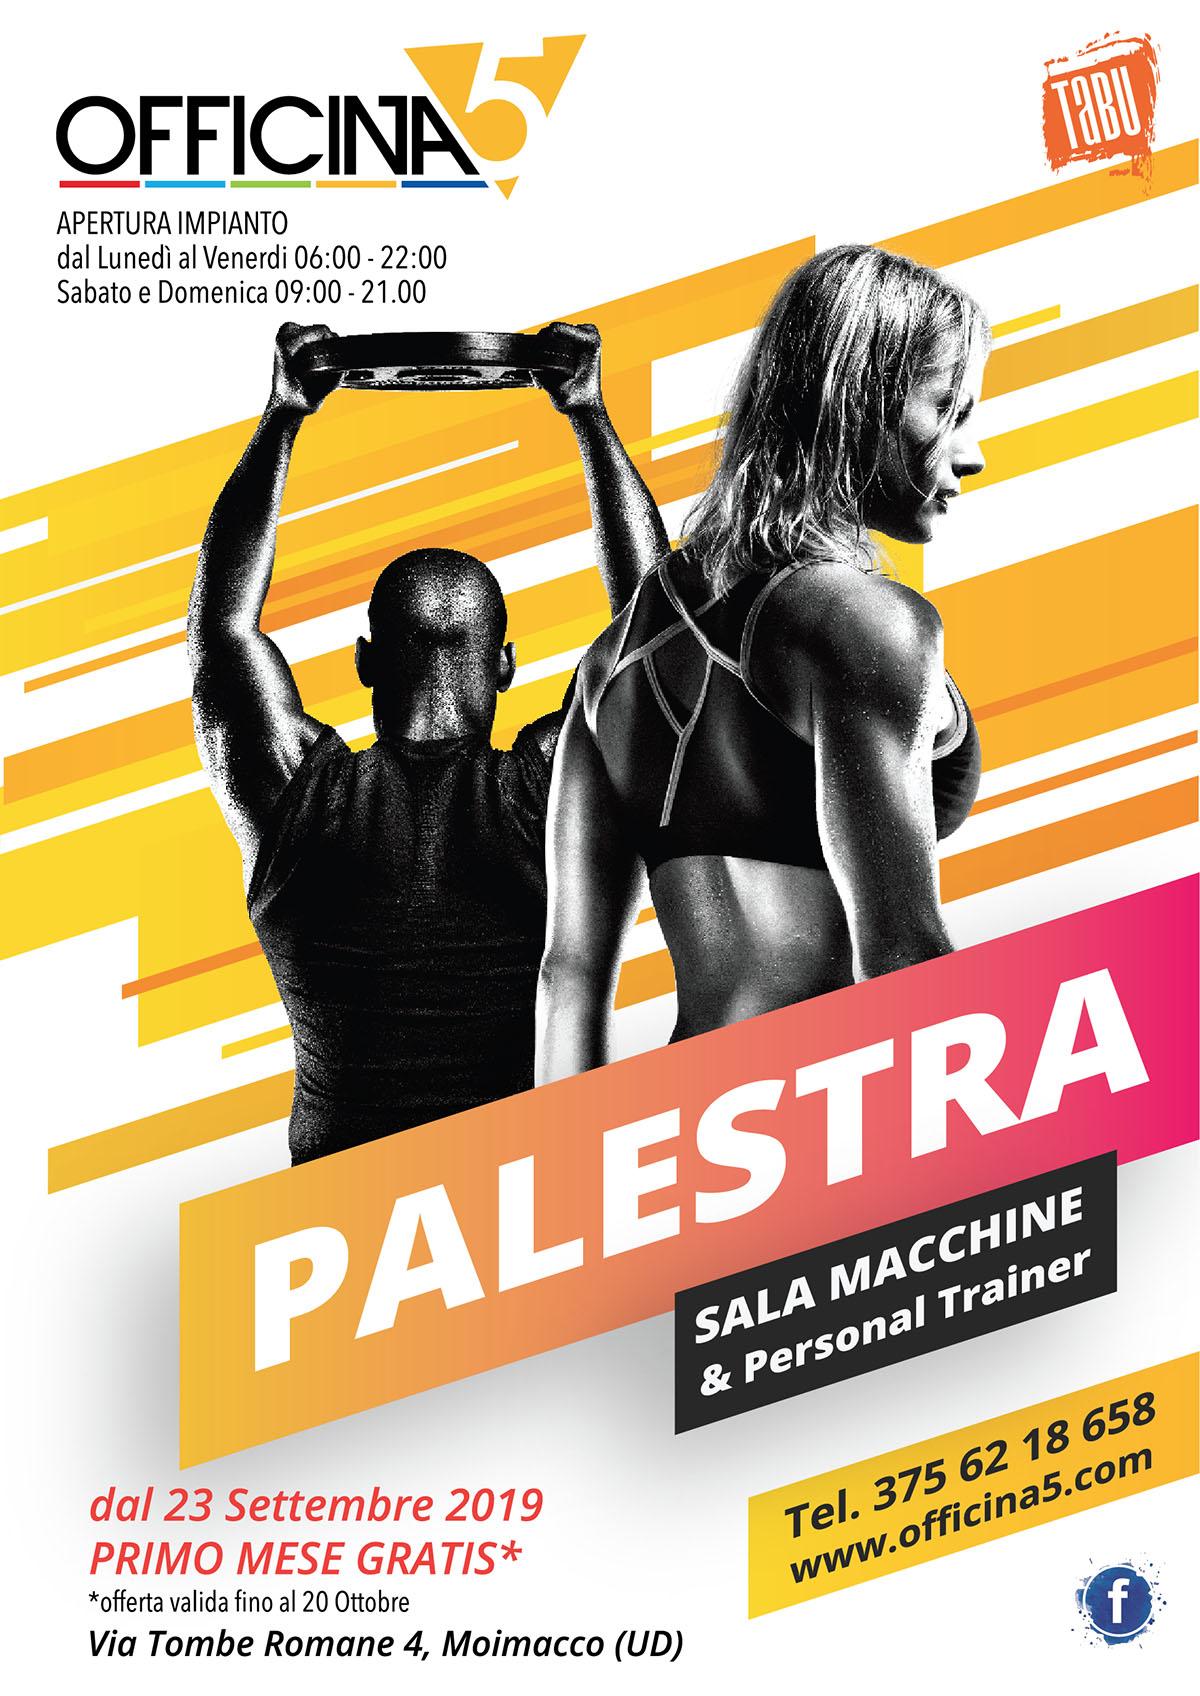 Promozioni 2019 palestra OFFICINA5 a Moimacco Udine